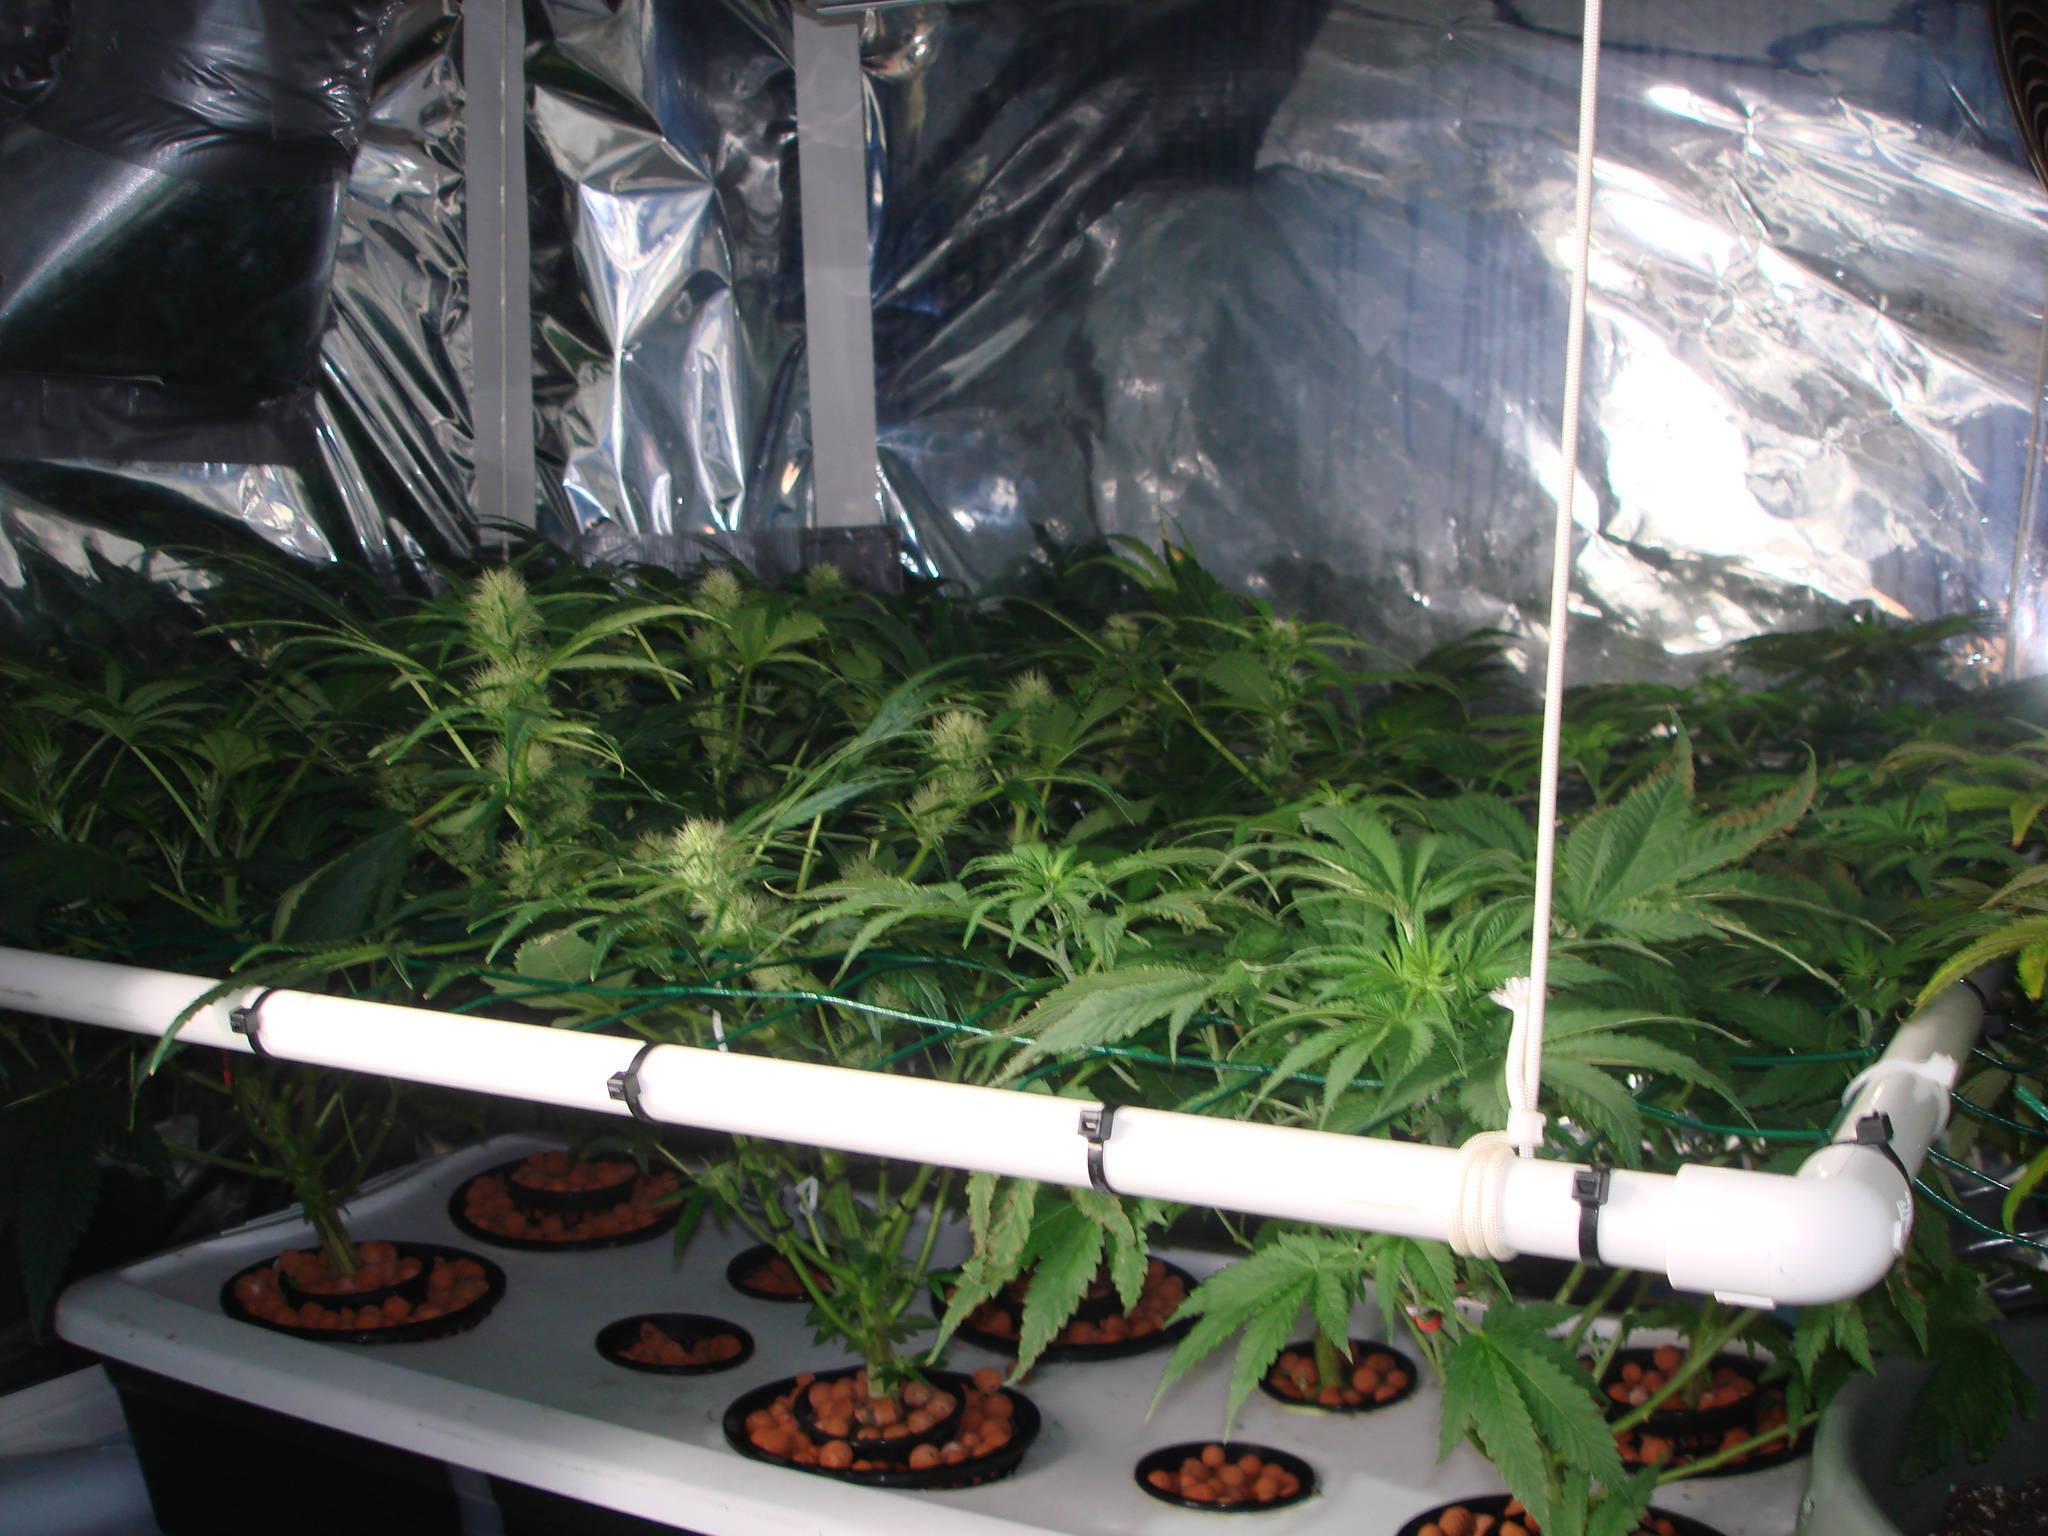 Small Hydro Grow In Fridge